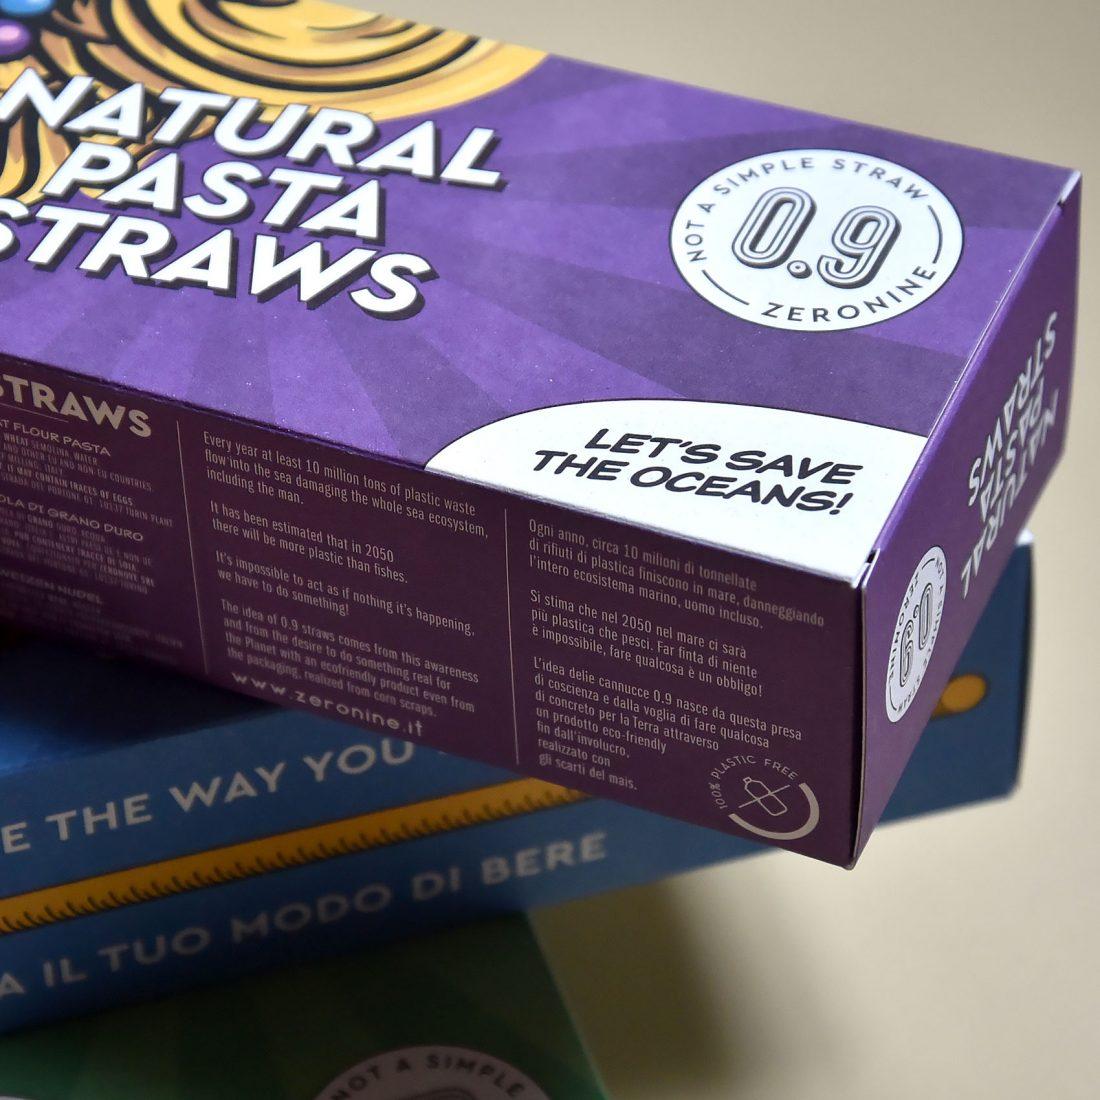 Natural Pasta Straw. Le cannucce di pasta prodotte da Zeronine